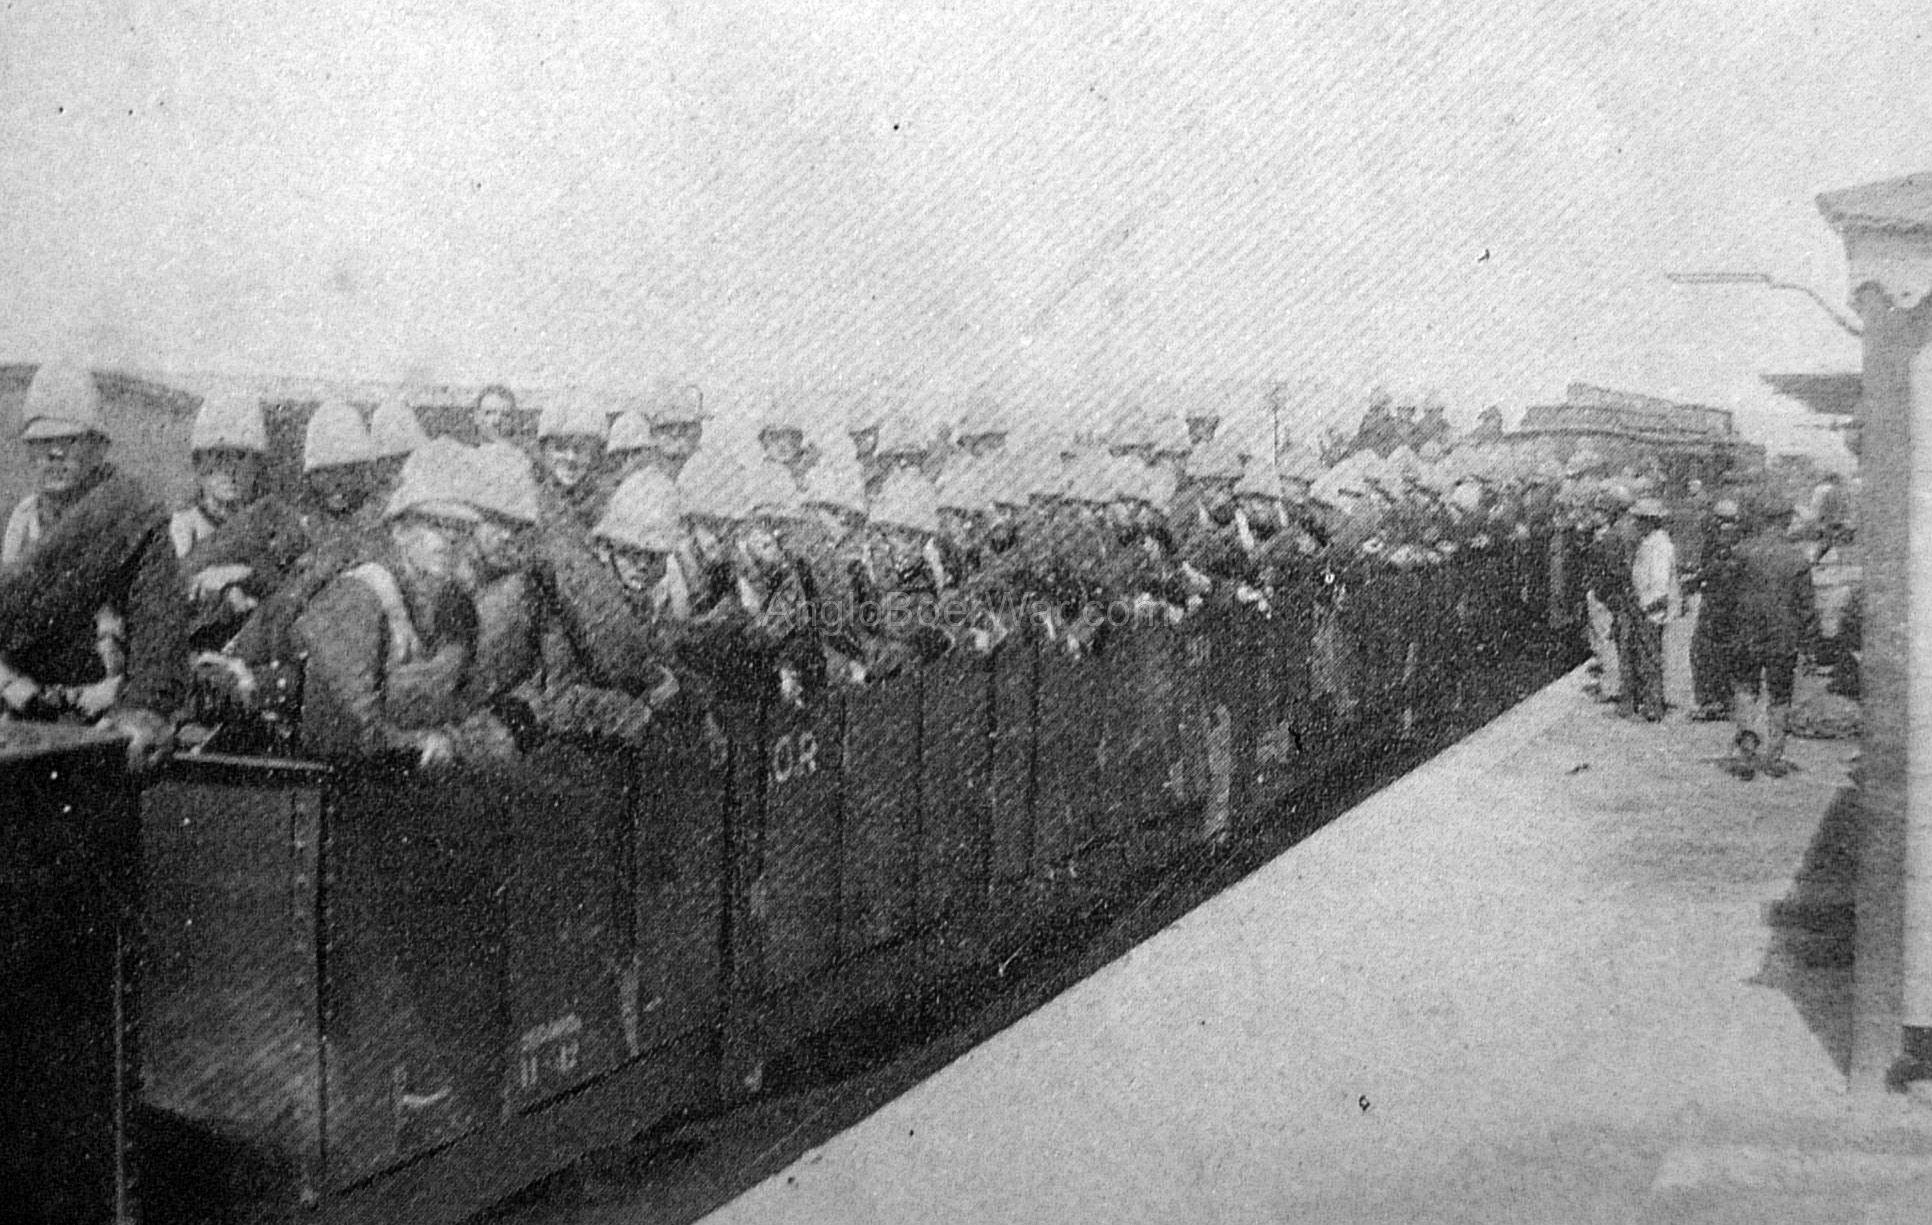 Troops aboard a train